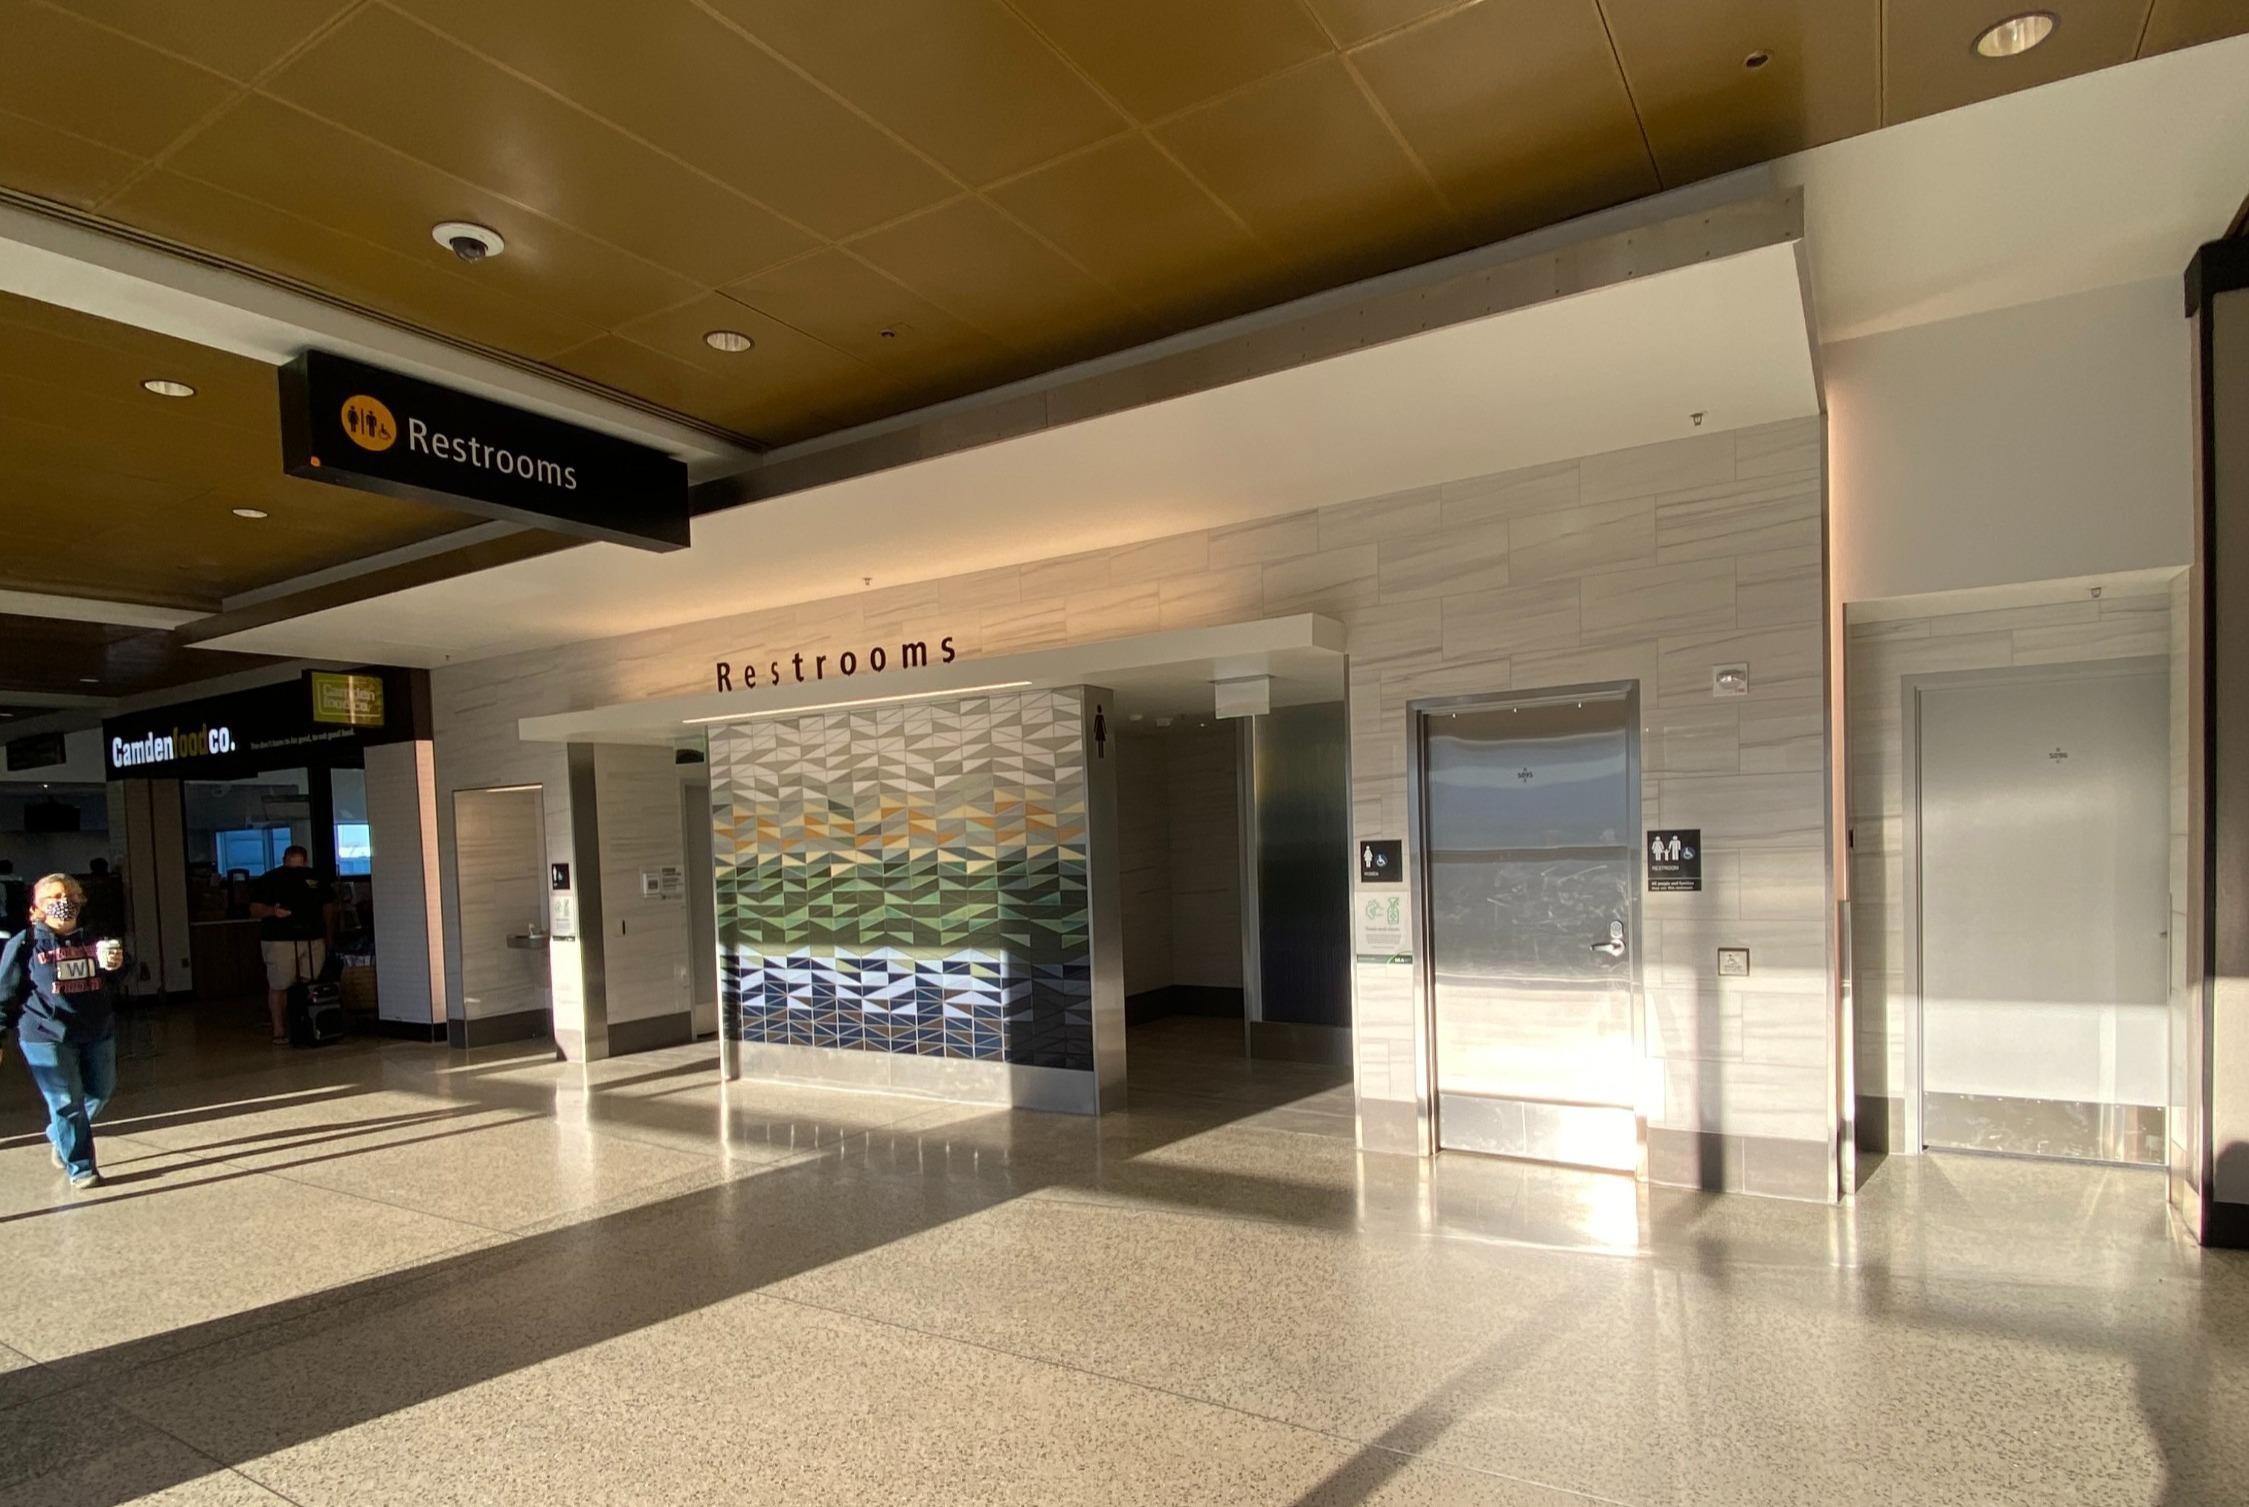 Sea-Tac Airport Restrooms